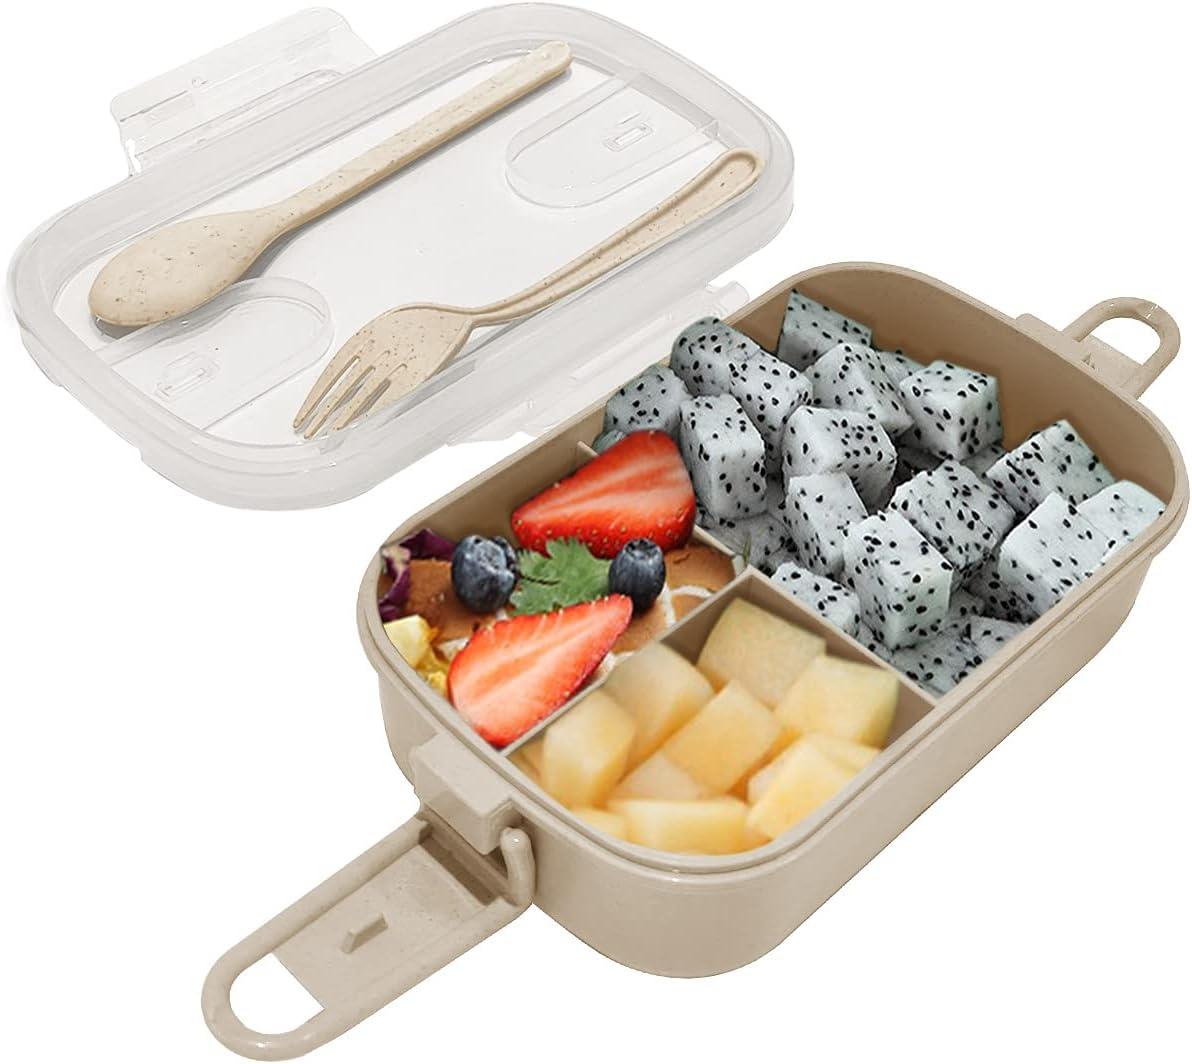 Dolinvo Fiambrera de Oficina para Niños Adultos con 3 Compartimentos y Fiambreras con Cubertería Ecológica Personalizada Microondas y Lavavajillas Reutilizable (Marrón1000ml)